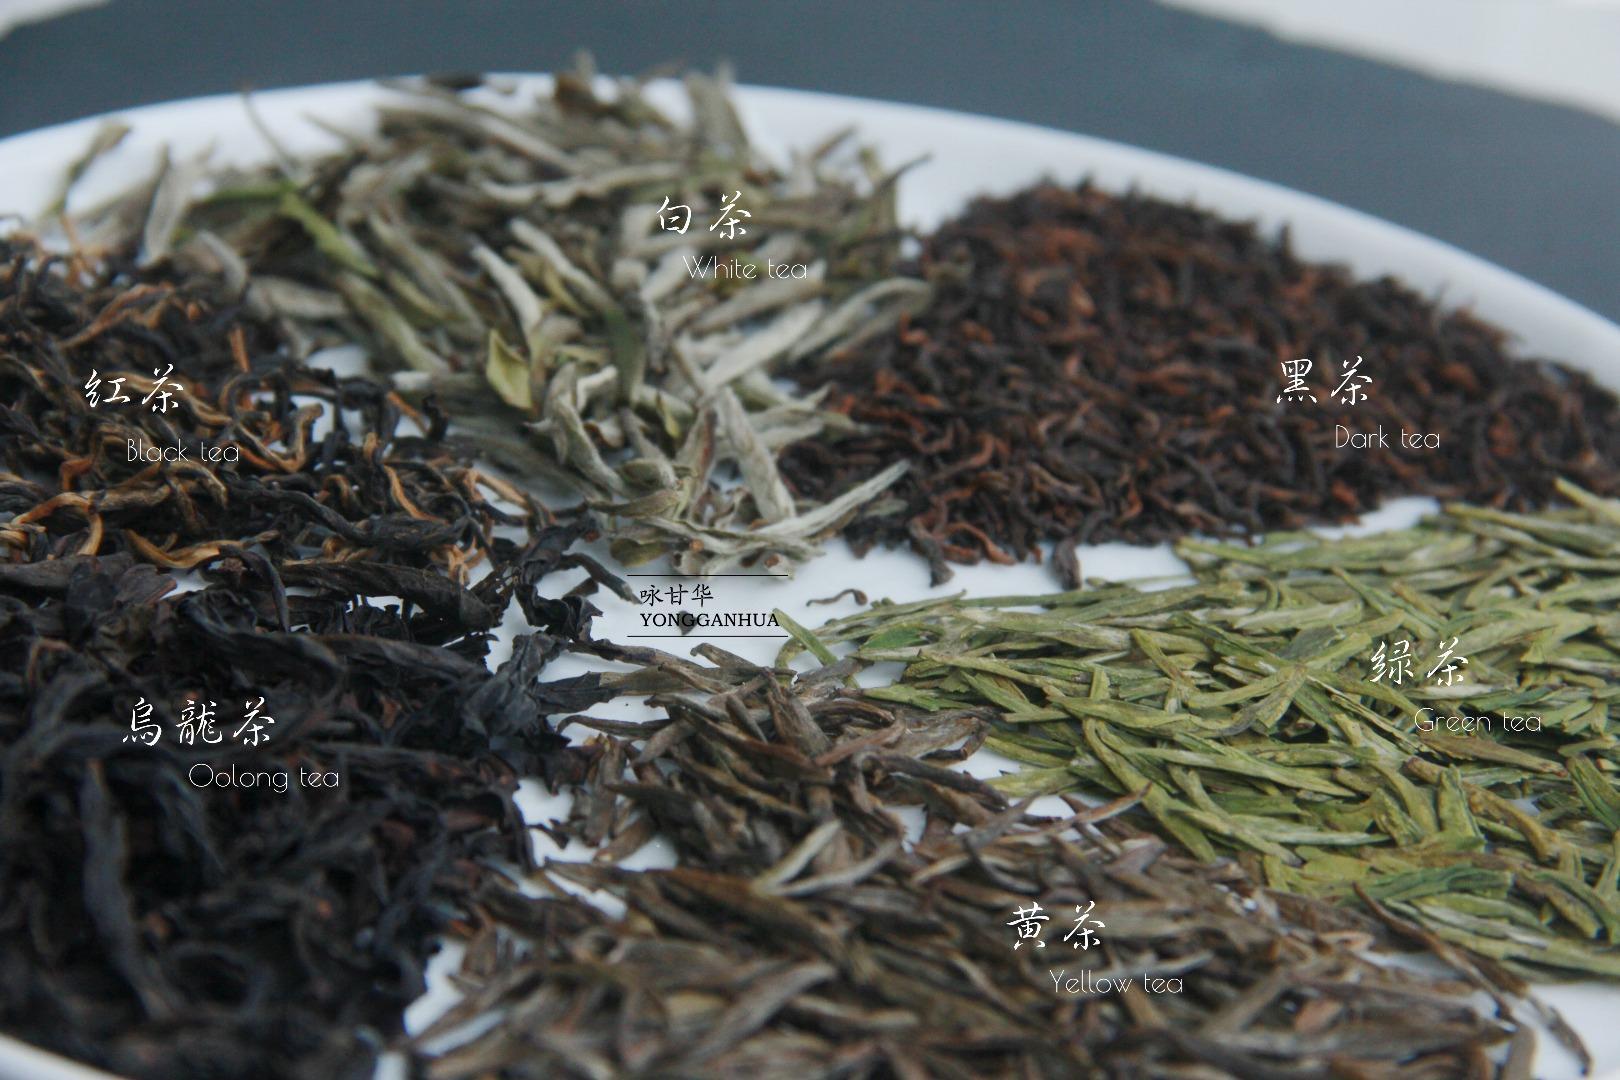 我们在学校里学了七年的茶学,现在来告诉你学茶的正确步骤